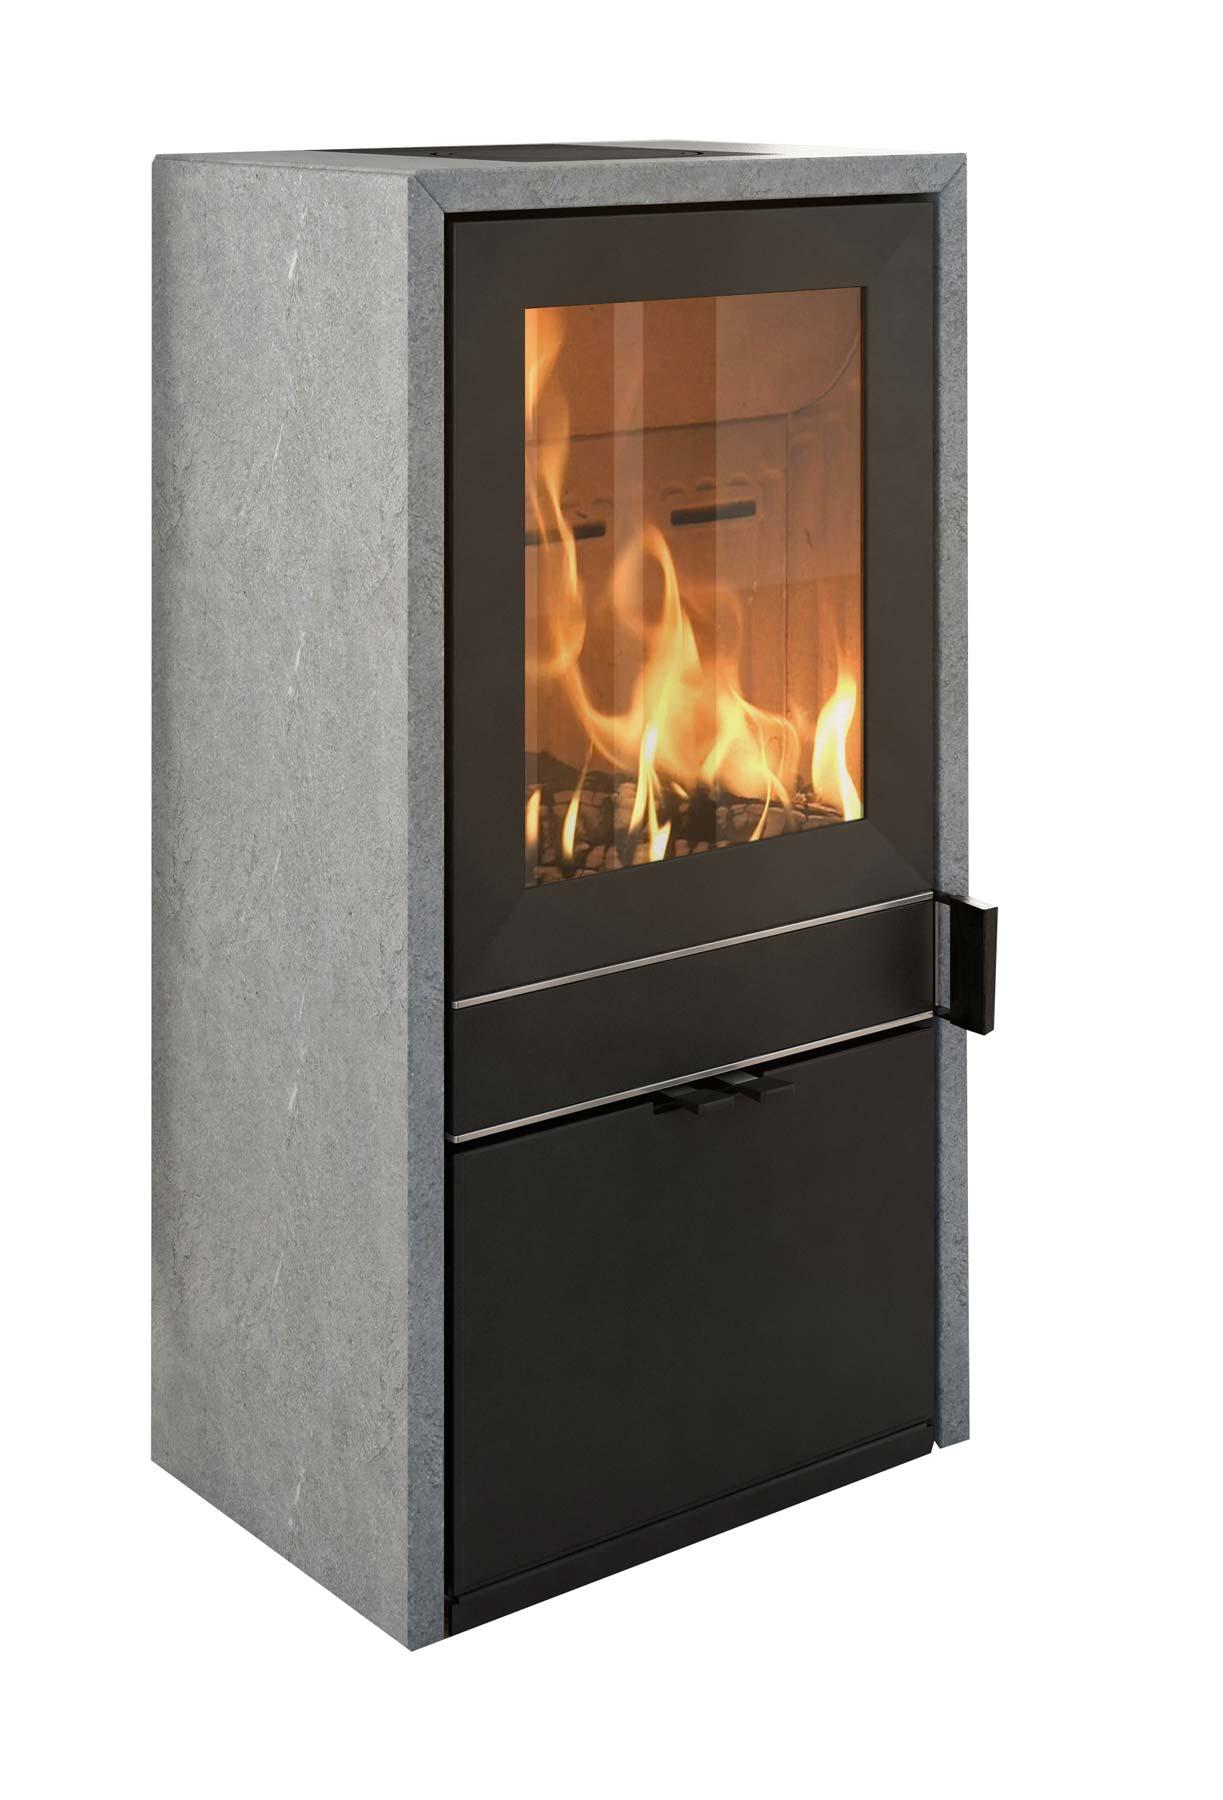 kaminofen termatech tt60s speckstein schwarz 6 kw kaufen cafiro. Black Bedroom Furniture Sets. Home Design Ideas